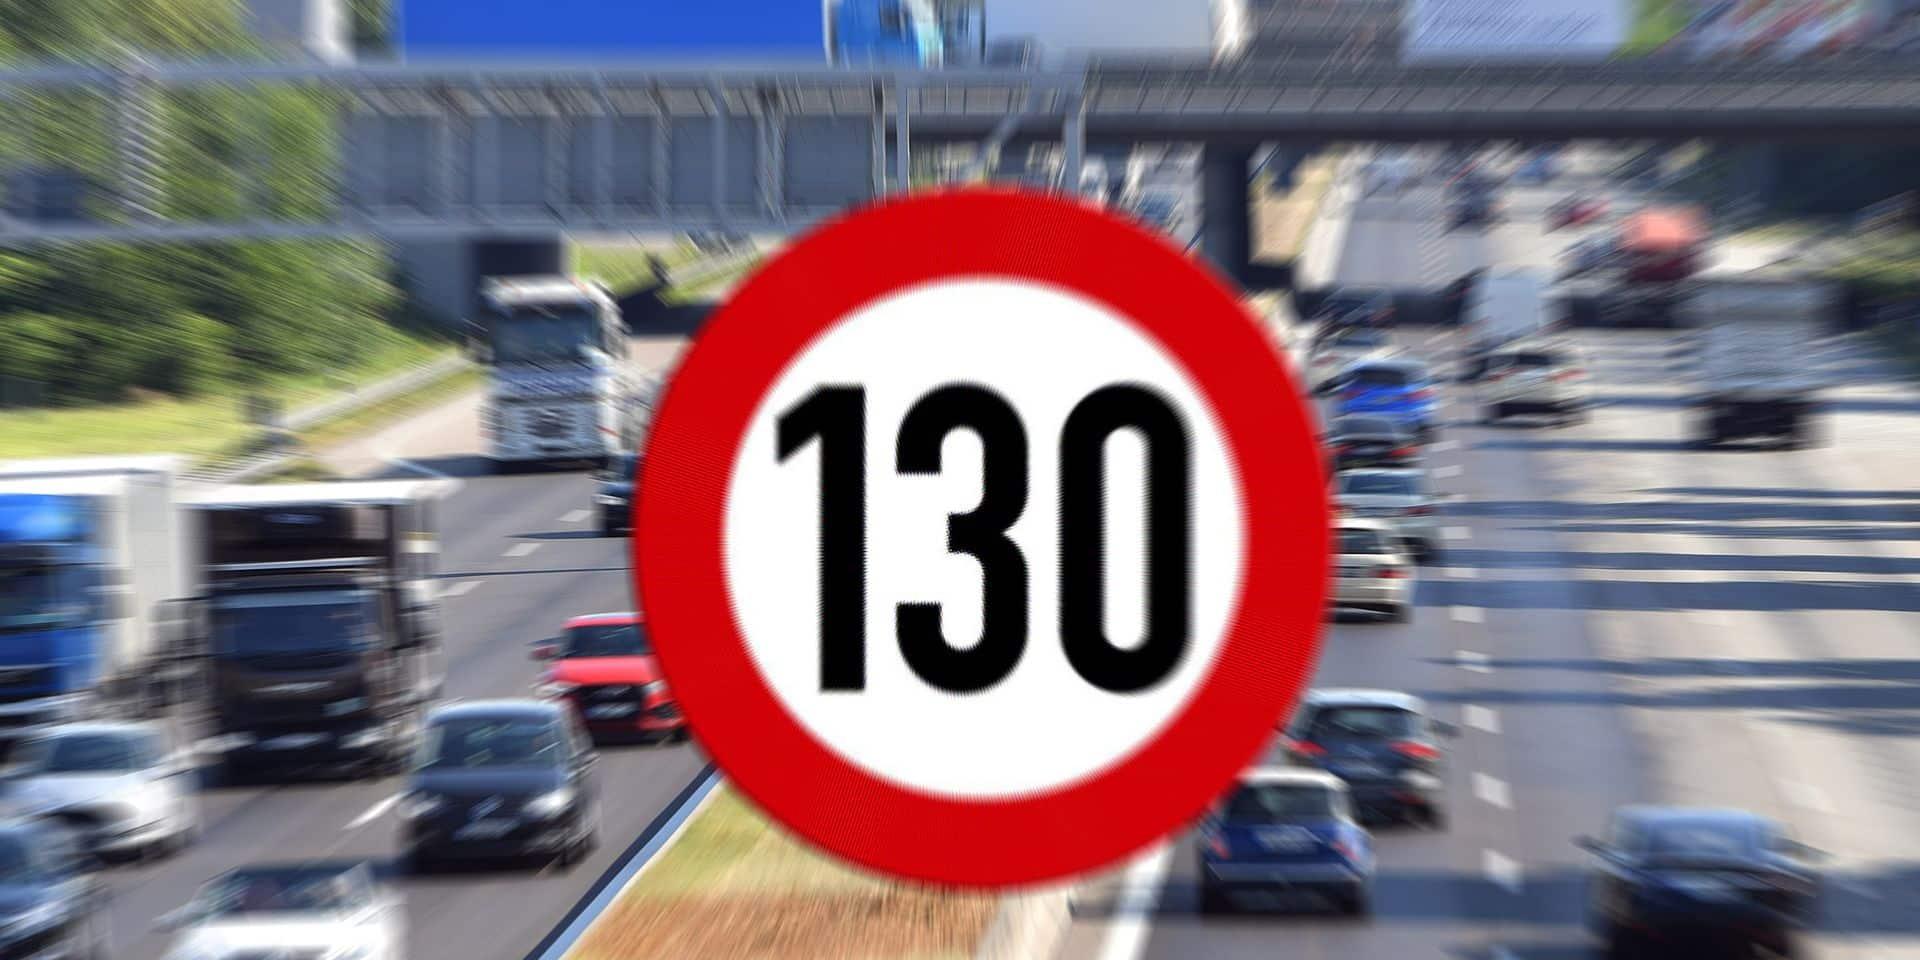 Pas question de limiter la vitesse sur les autoroutes allemandes